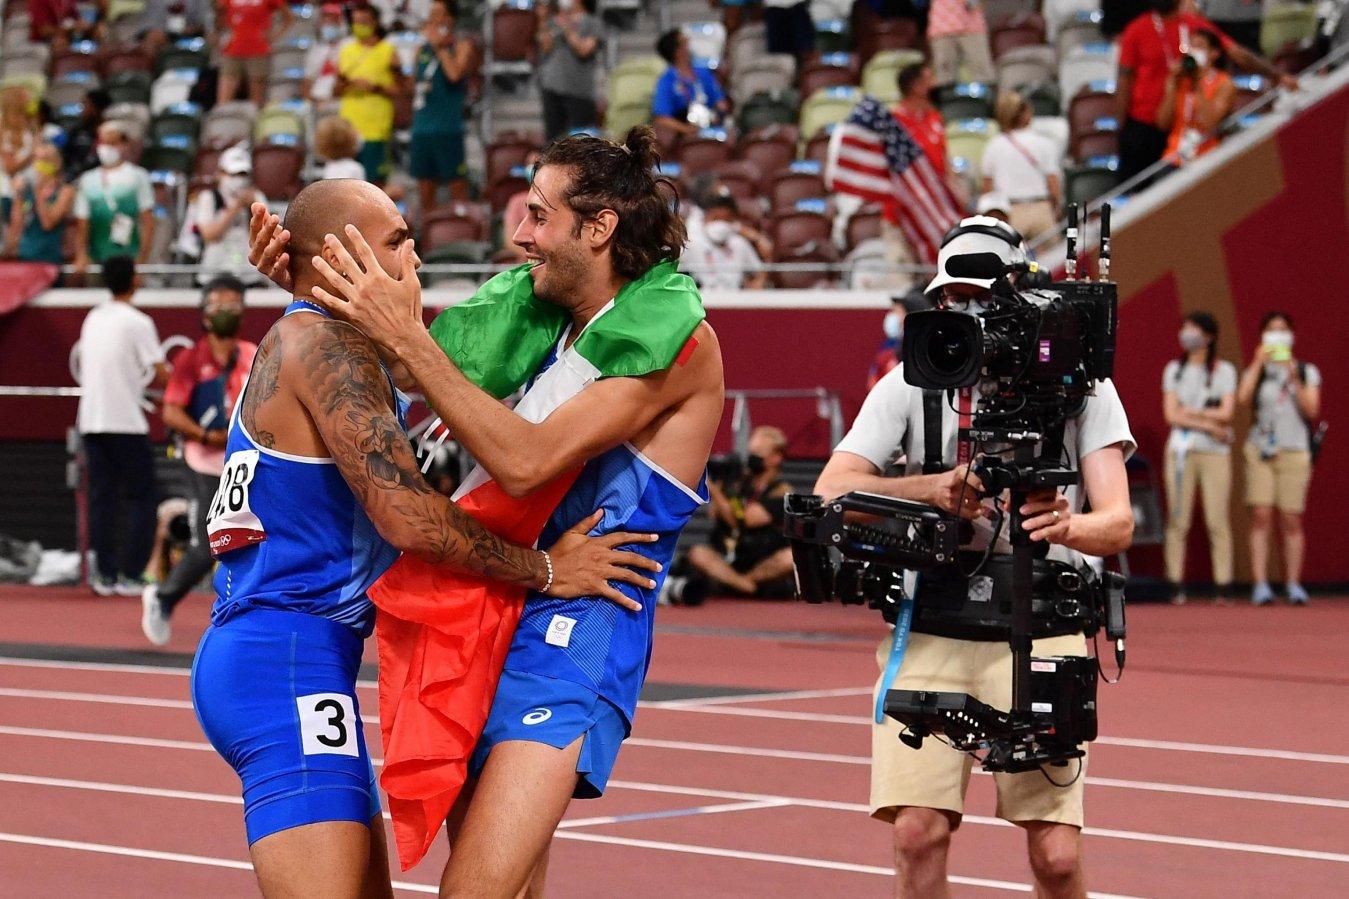 Olimpiadi Tokyo Day 10, Diretta Gare Lunedi 2 Agosto (Discovery+ e Rai2)